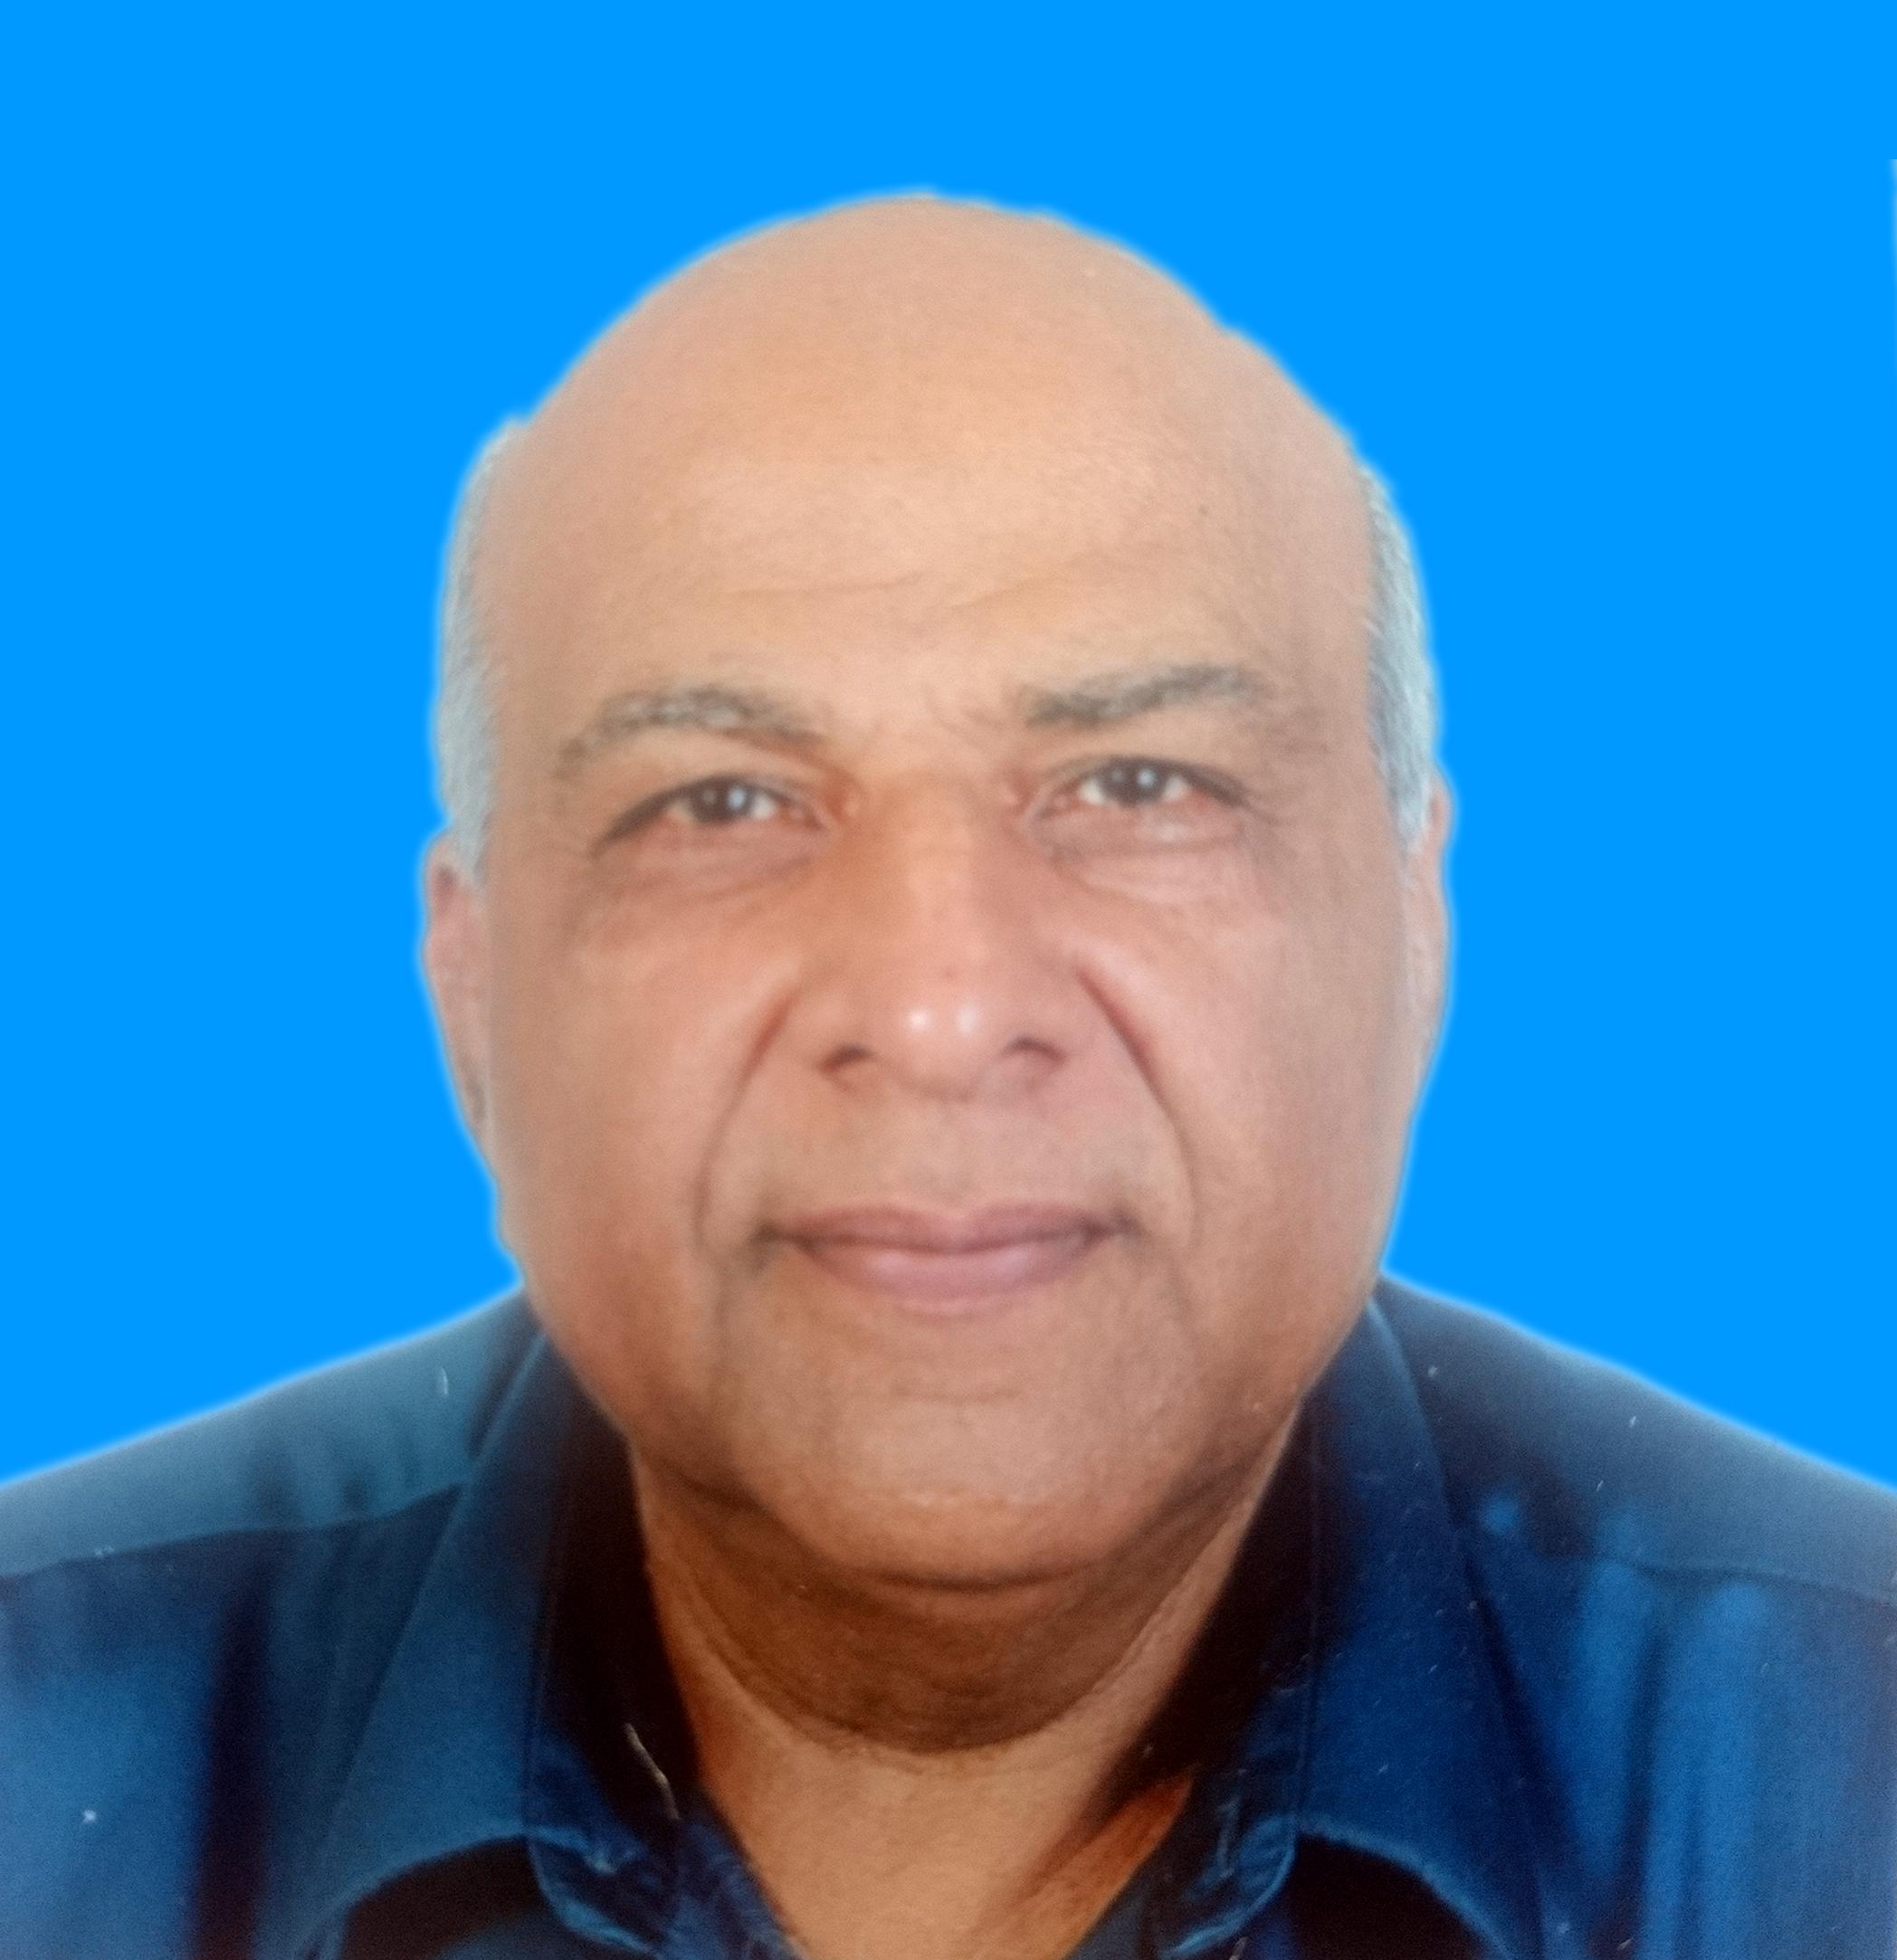 Abdulwahid Aboo. FCPA, FCCA, FCPS, CPAR and CPAU - AAC Kenya